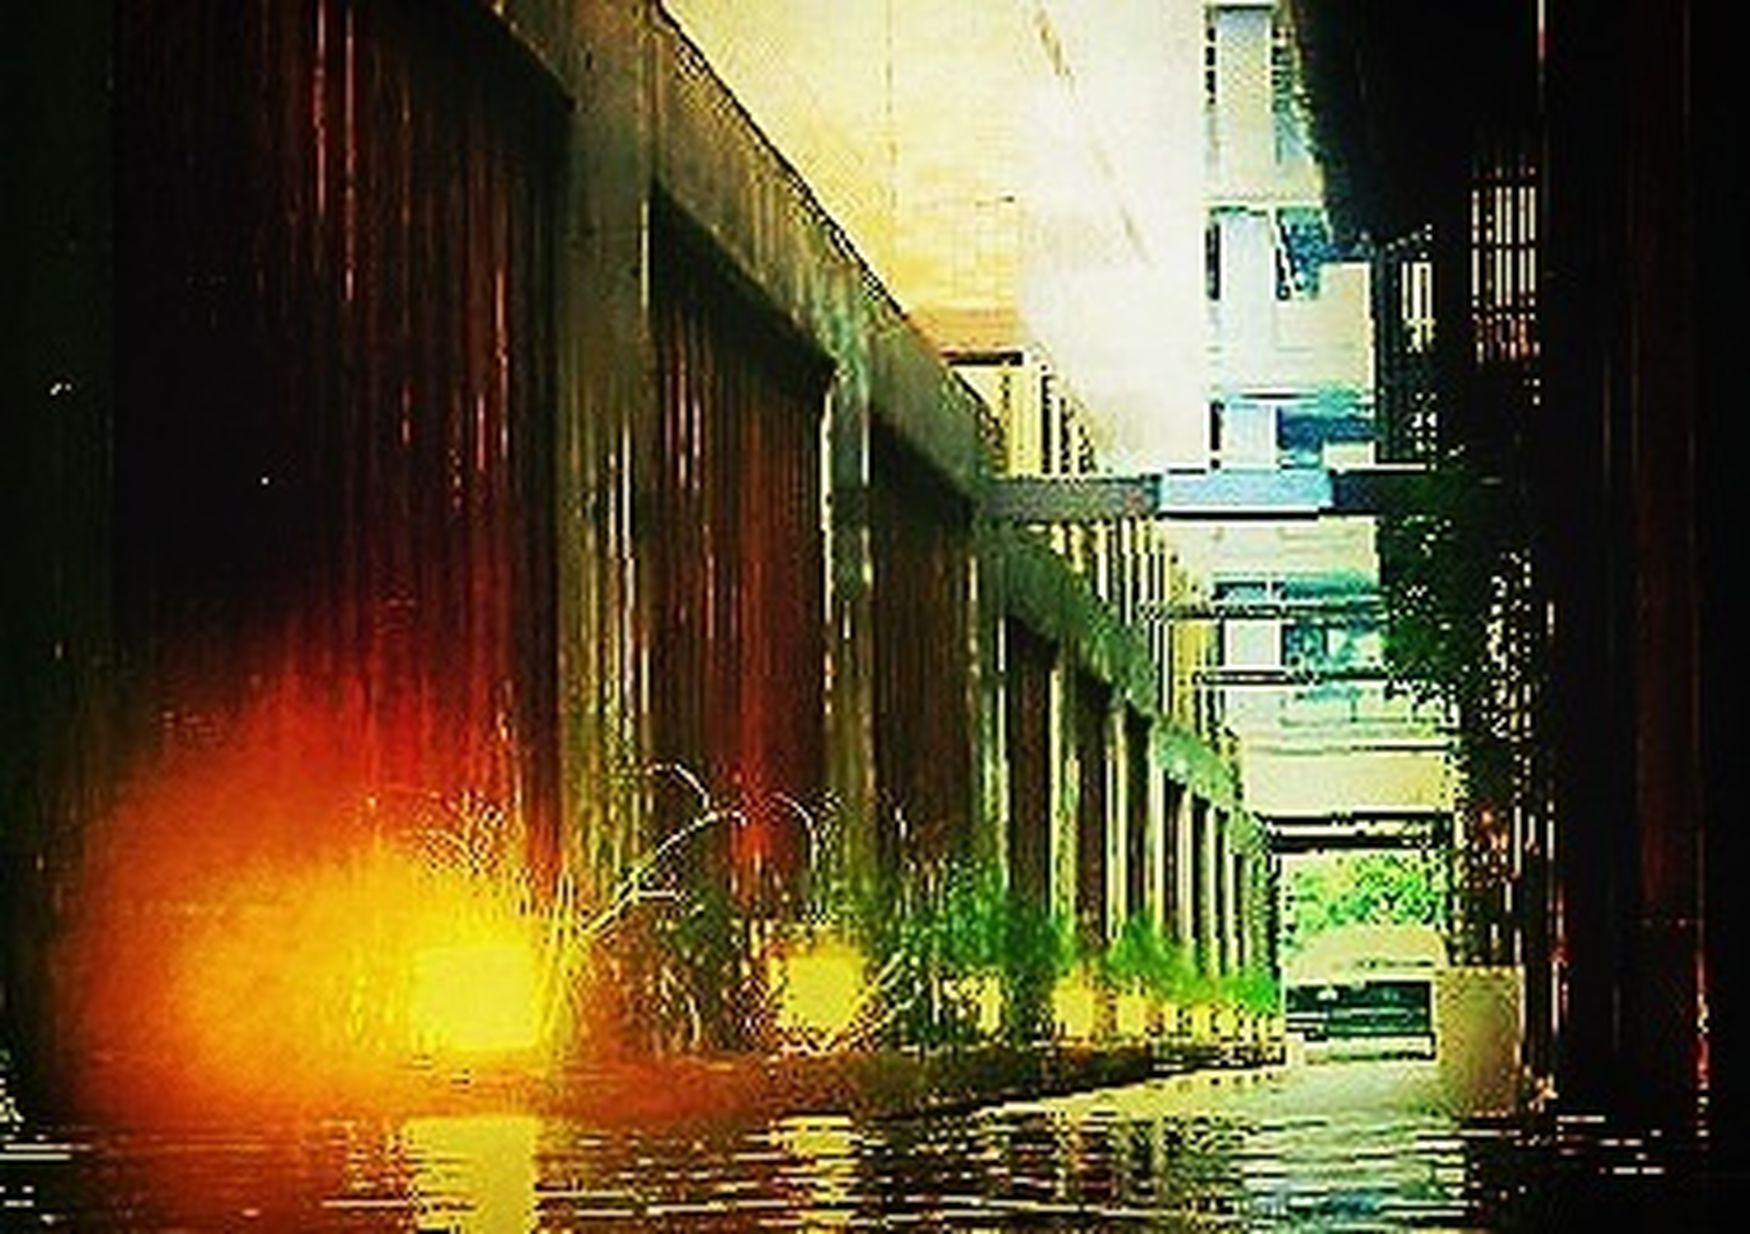 ゲリラ豪雨に遭ったので雨宿り… EyeEm Best Shots - Everything Wet ゲリラ豪雨いやだね。 Taking Shelter From Rain Salon De Royal Kyoto